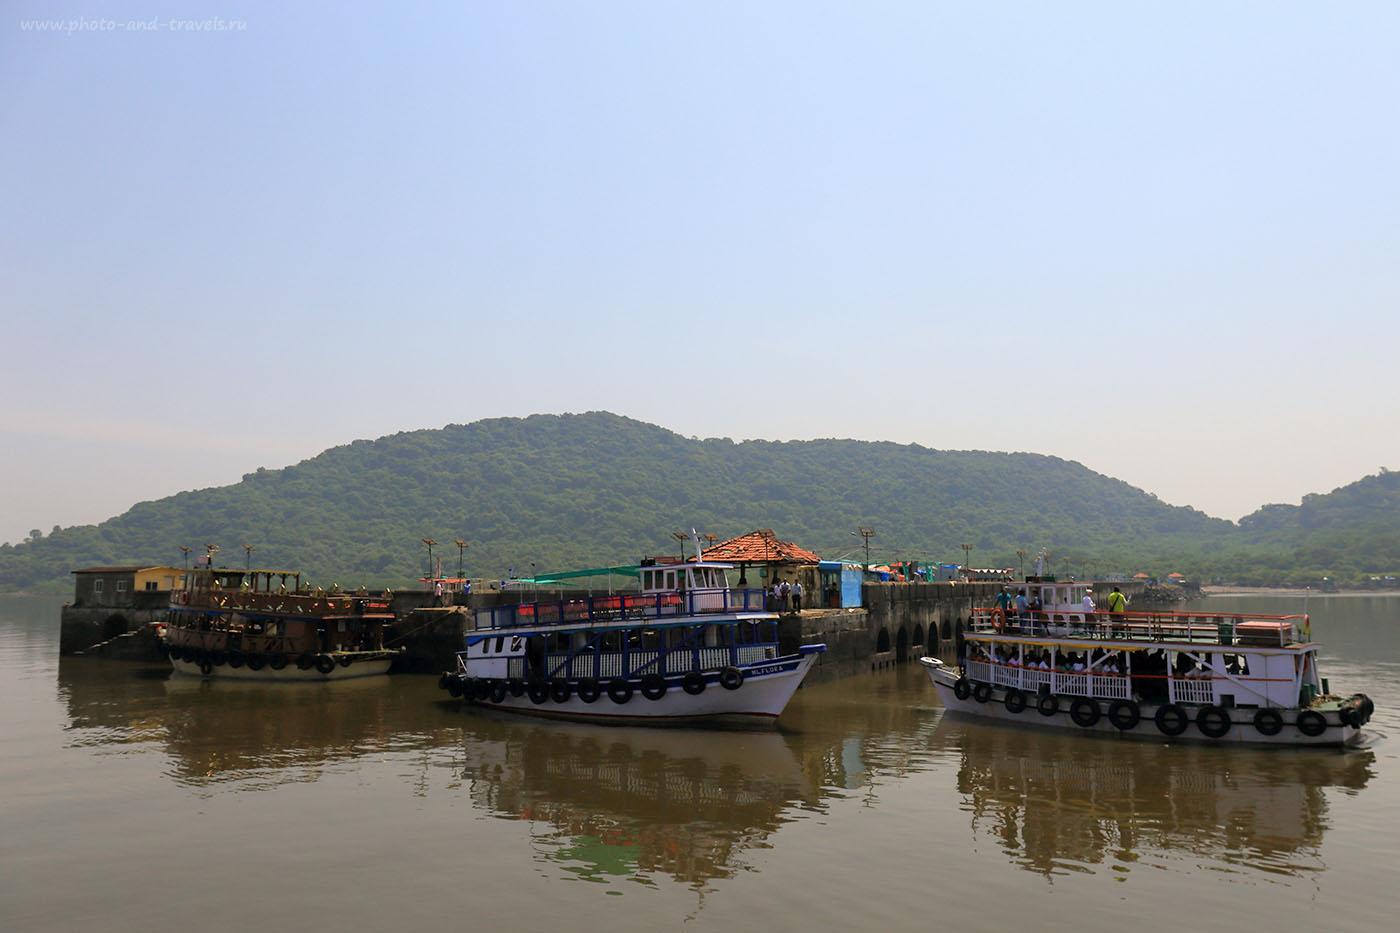 Фотография 5. Остров Элефанта (ElephantaIsland), вид с воды. Отзывы туристов о самостоятельных экскурсиях в Мумбаи. (24-70, 1/1000, -1eV, f9, 24 mm, ISO 100)